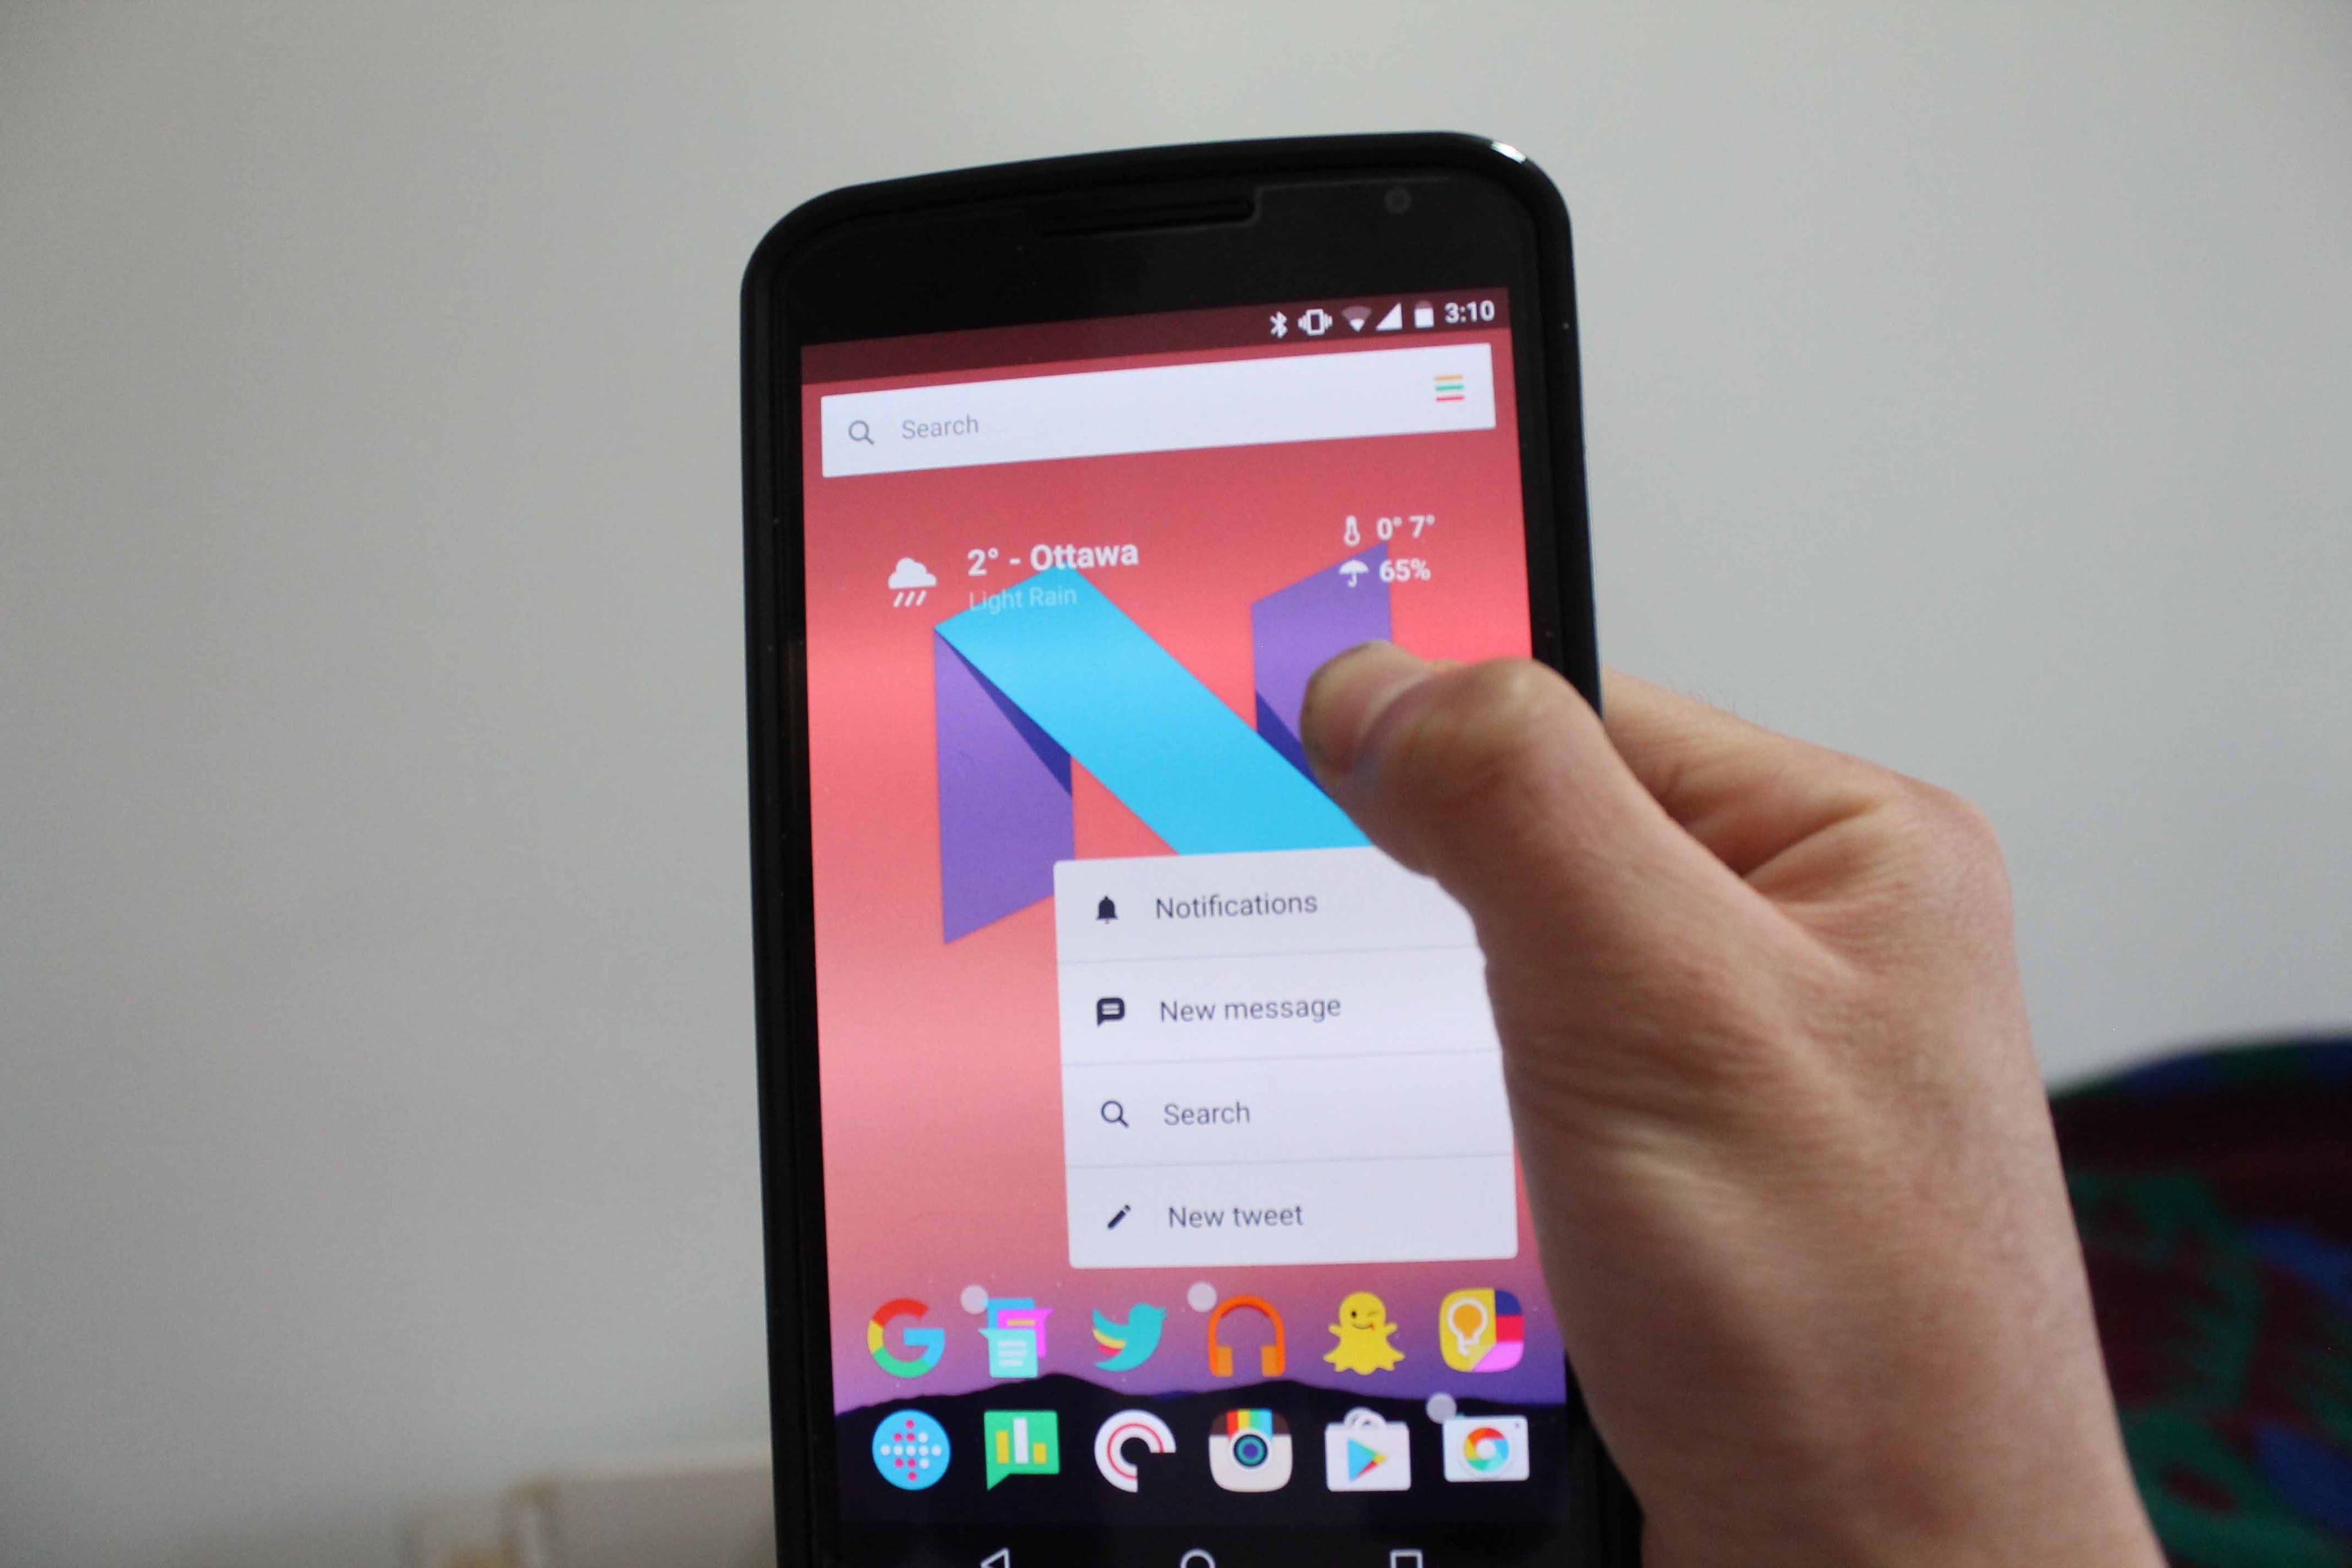 Come calibrare lo schermo di un telefono Android 1